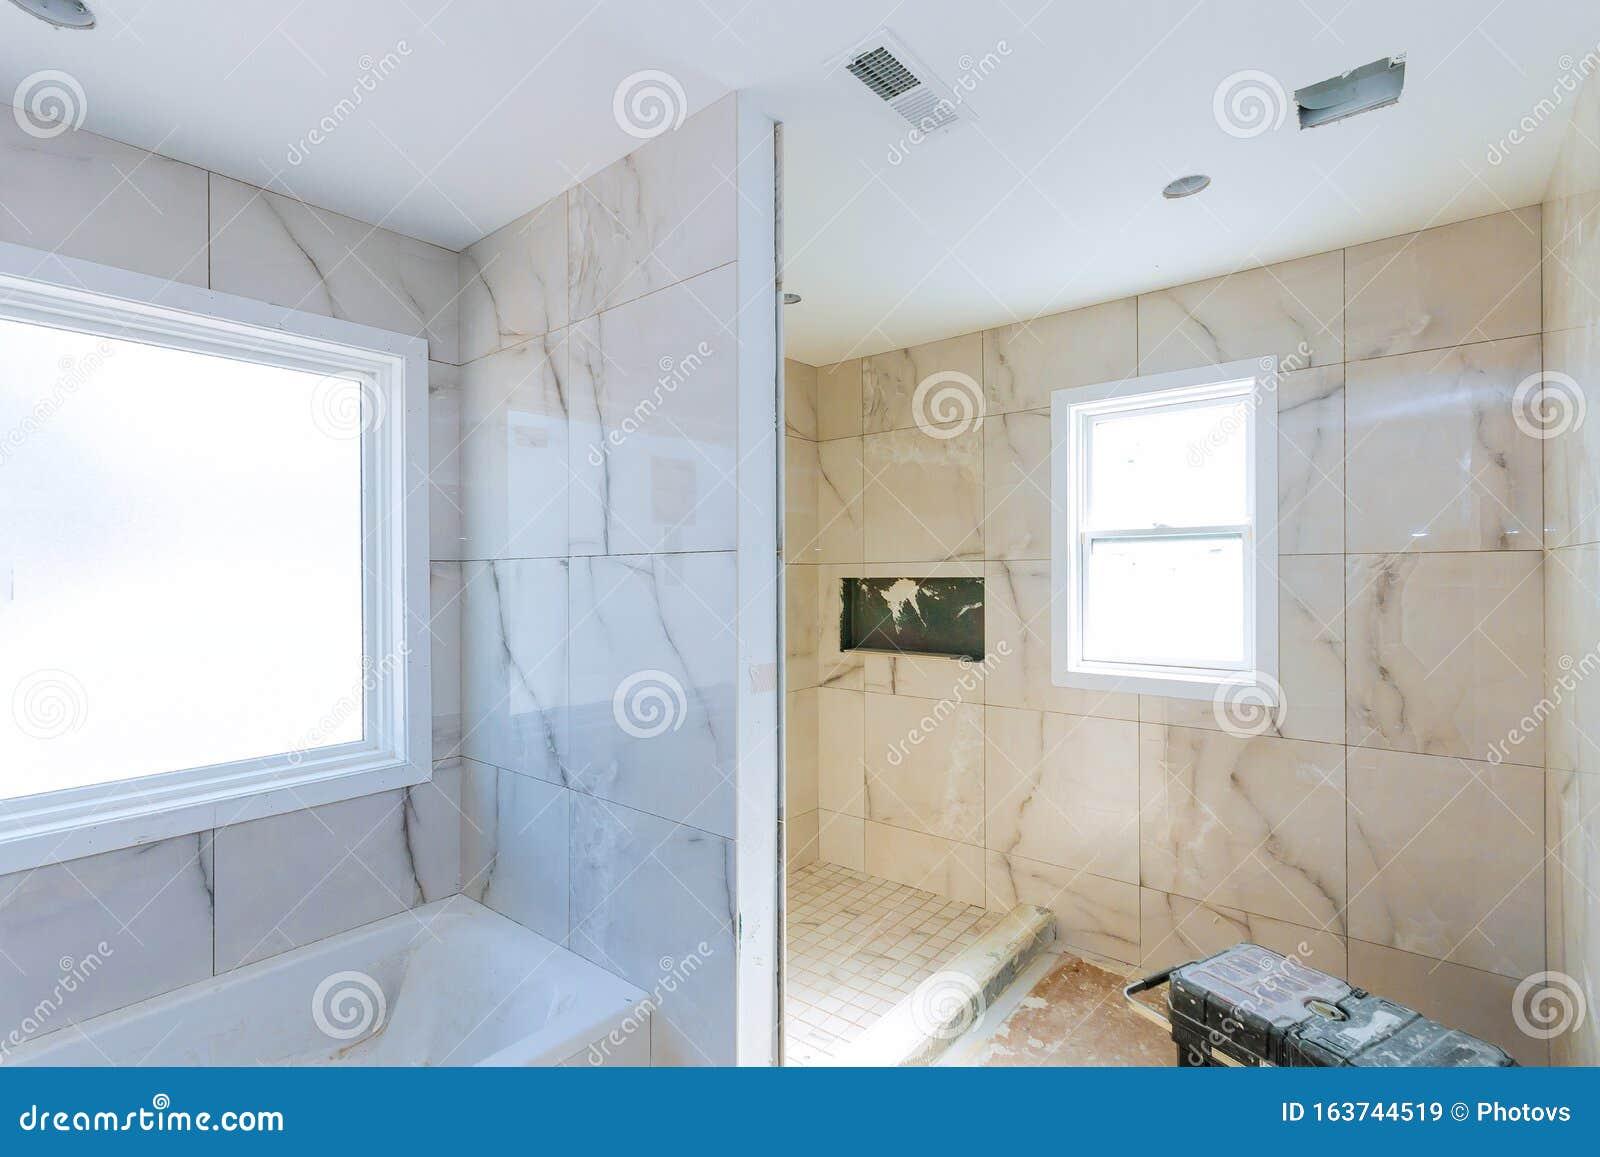 Basisruimte Voor De Reparatie Van Nieuwe Appartementen Installatie Van Binnenbekleding Van Tegels Stock Afbeelding Afbeelding Bestaande Uit Apparatuur Installatie 163744519